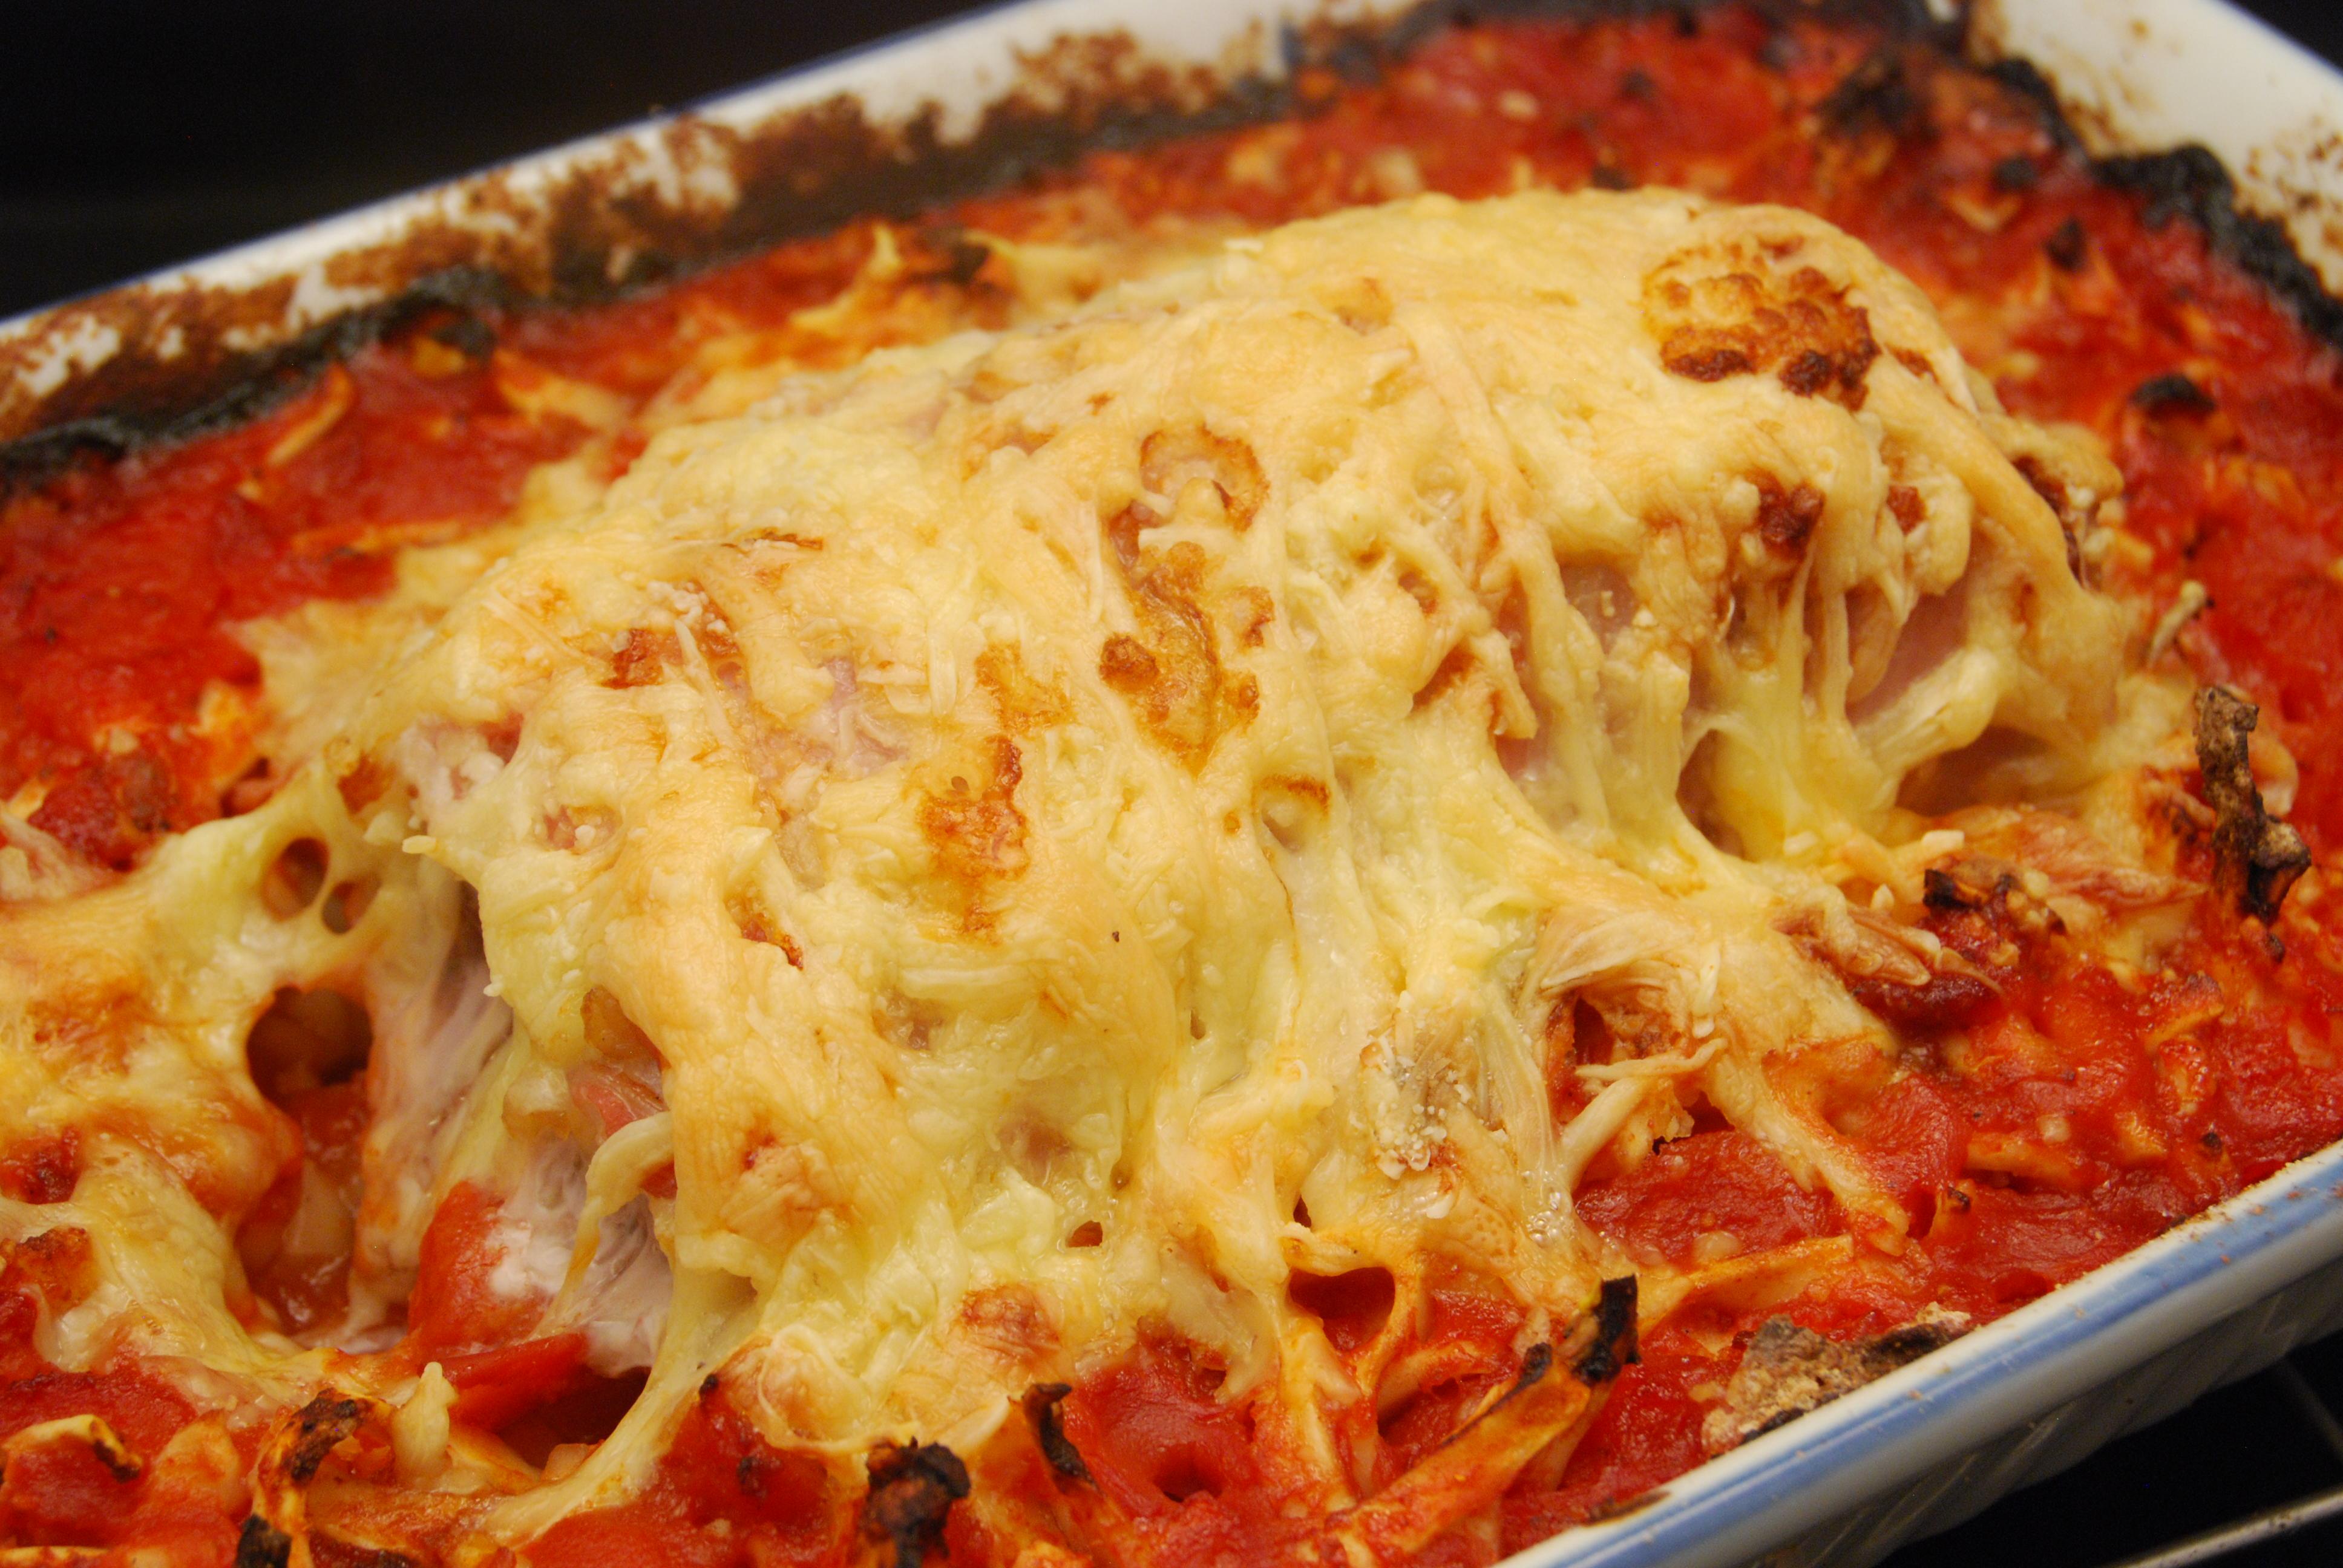 Überbackenes Filet mit Tomaten